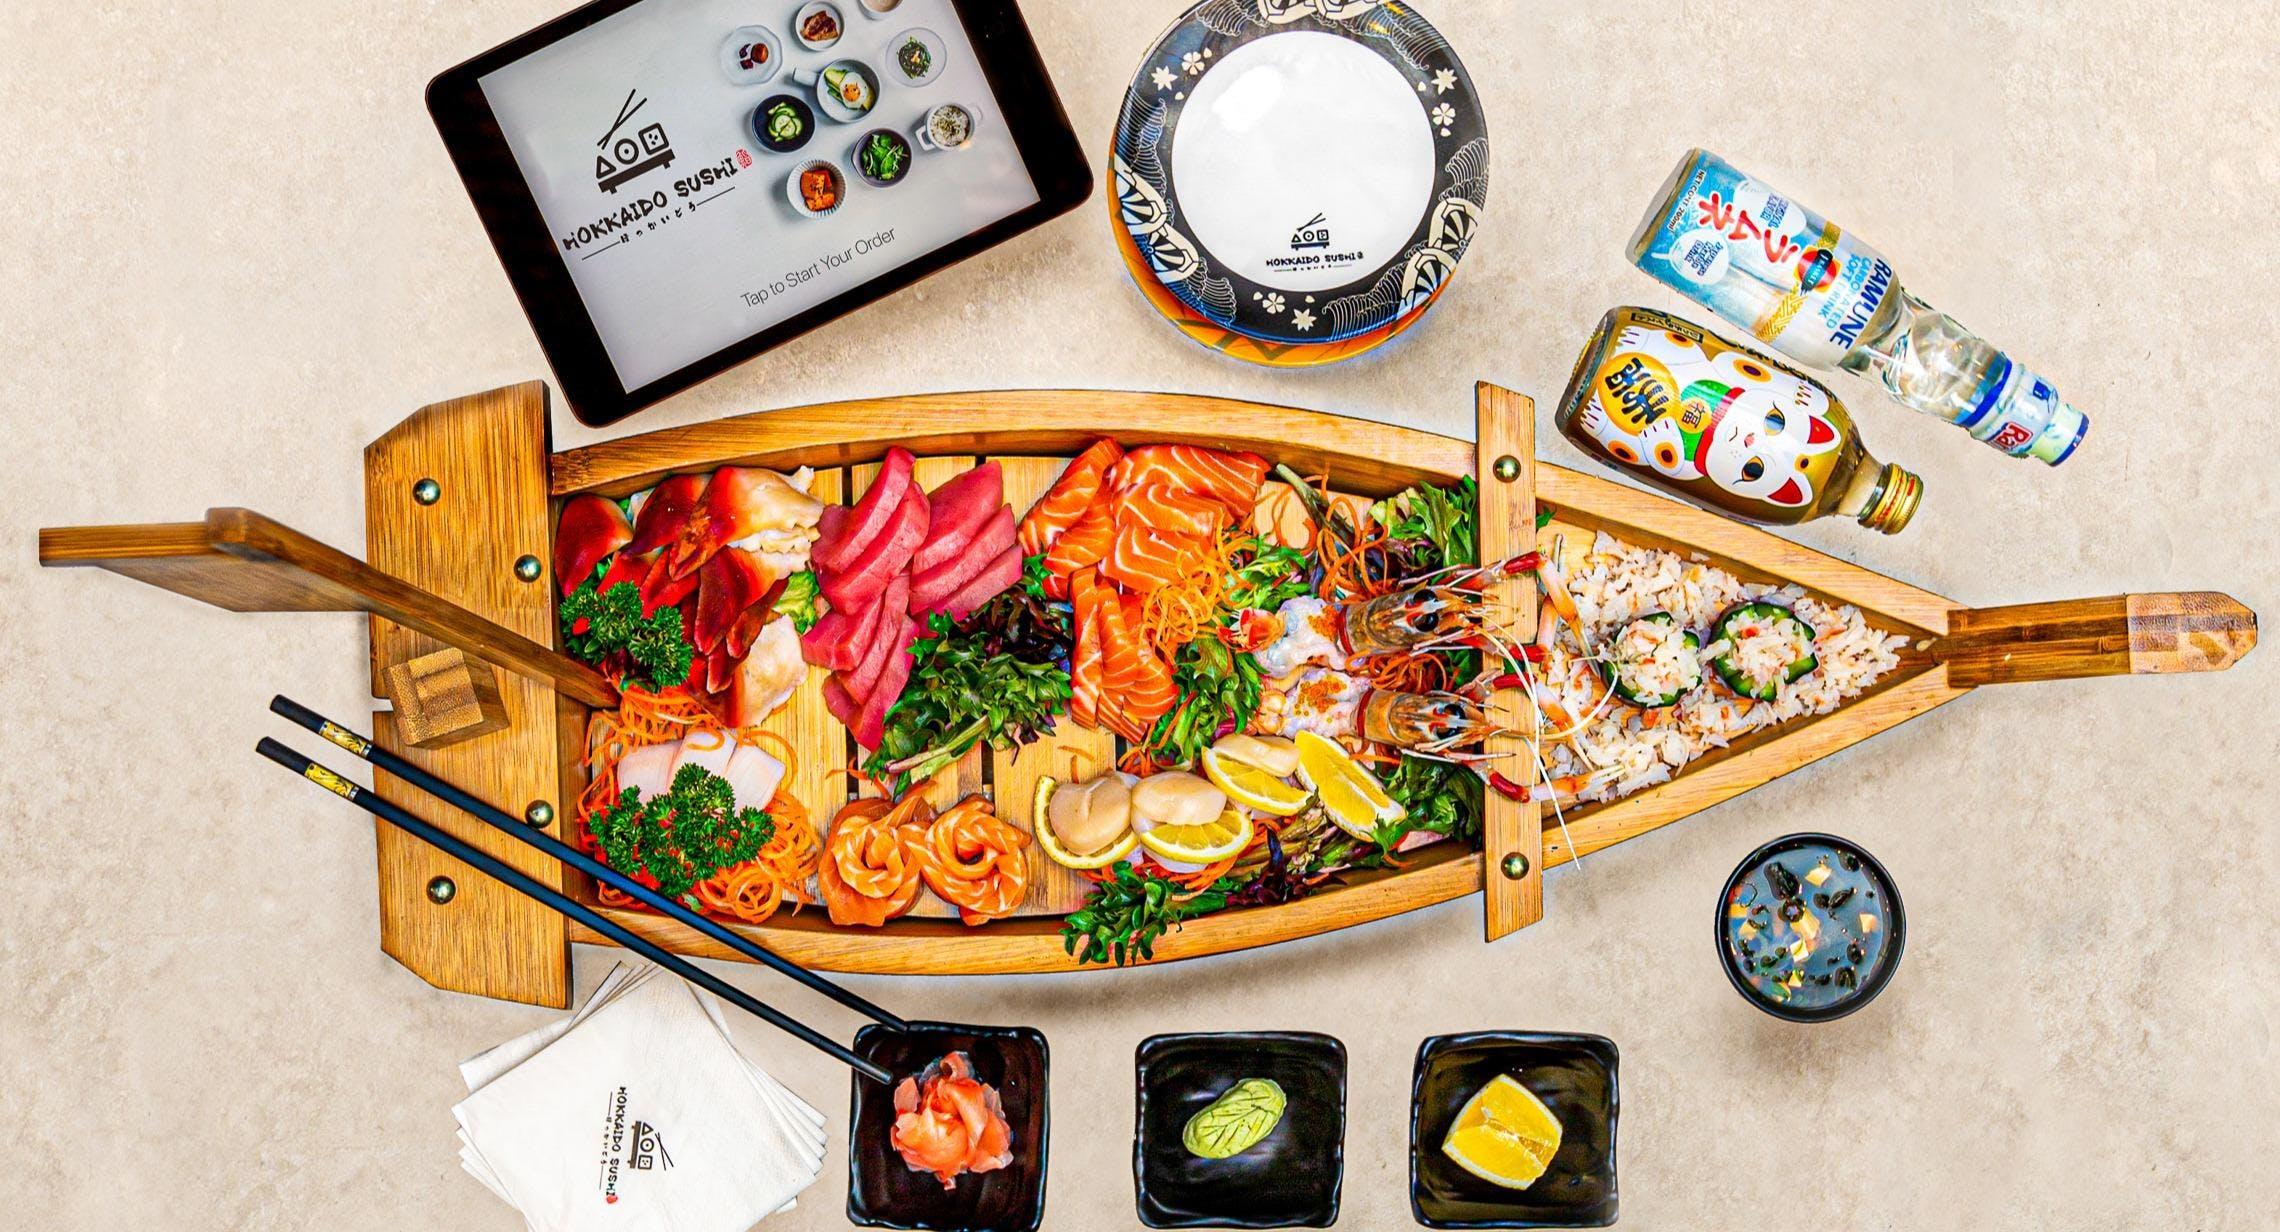 Photo of restaurant Hokkaido Sushi - Hobart City in Hobart CBD, Hobart